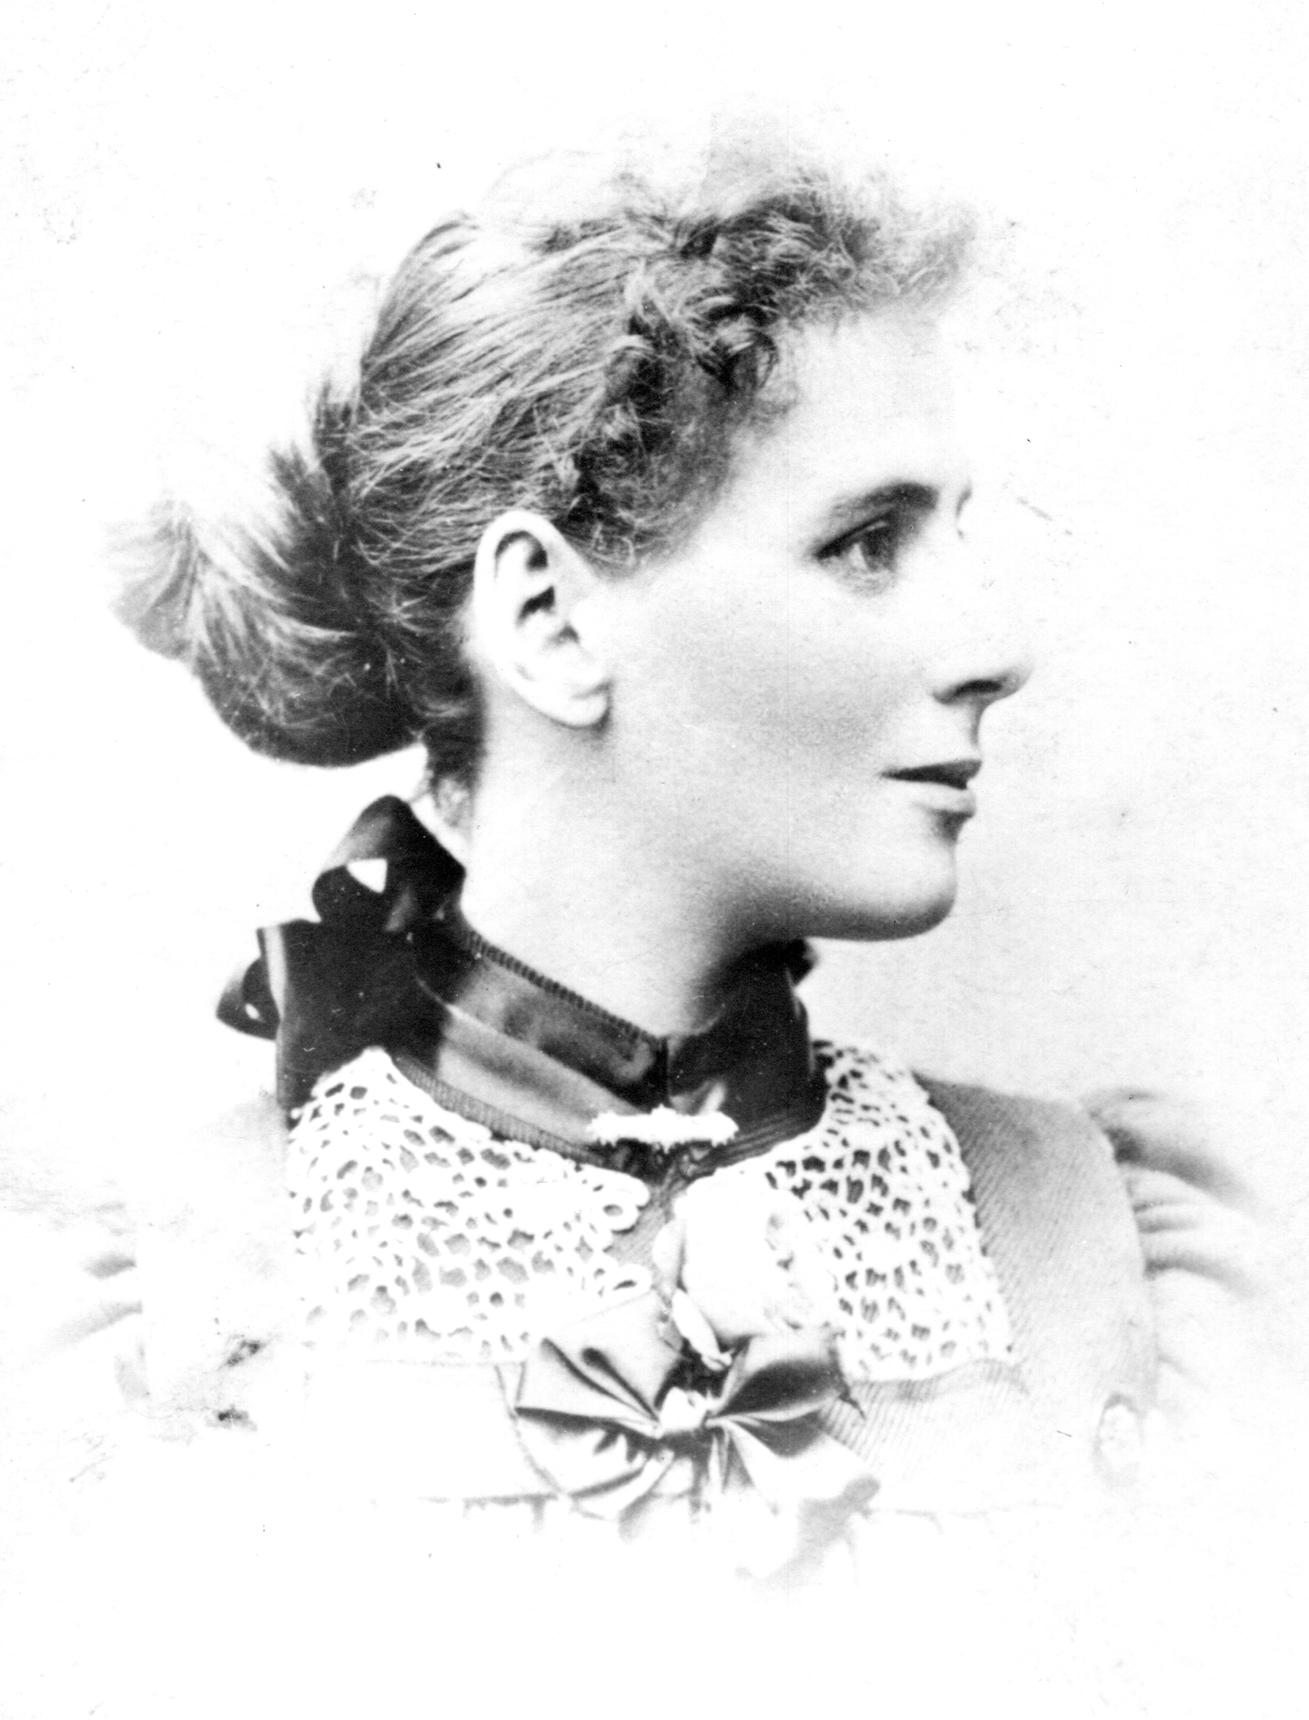 Studio Portrait In Profile Of Victorian Lady c.1890